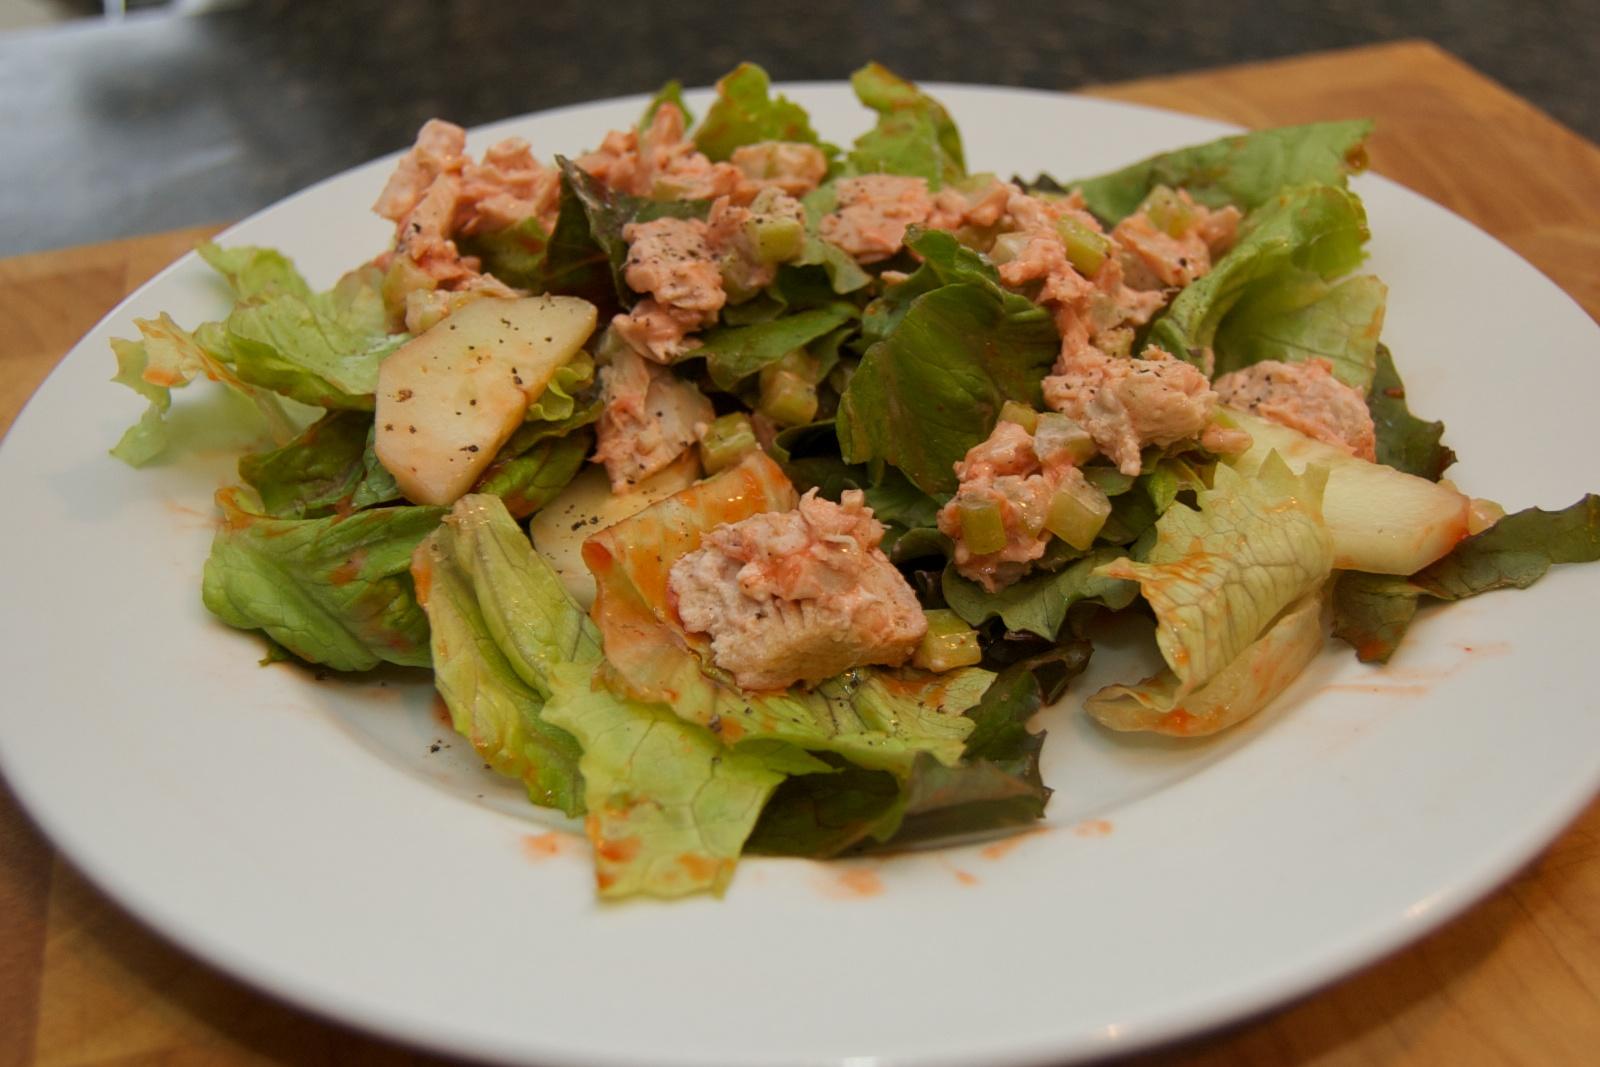 http://blog.rickk.com/food/2010/10/06/tunasalad1.jpg